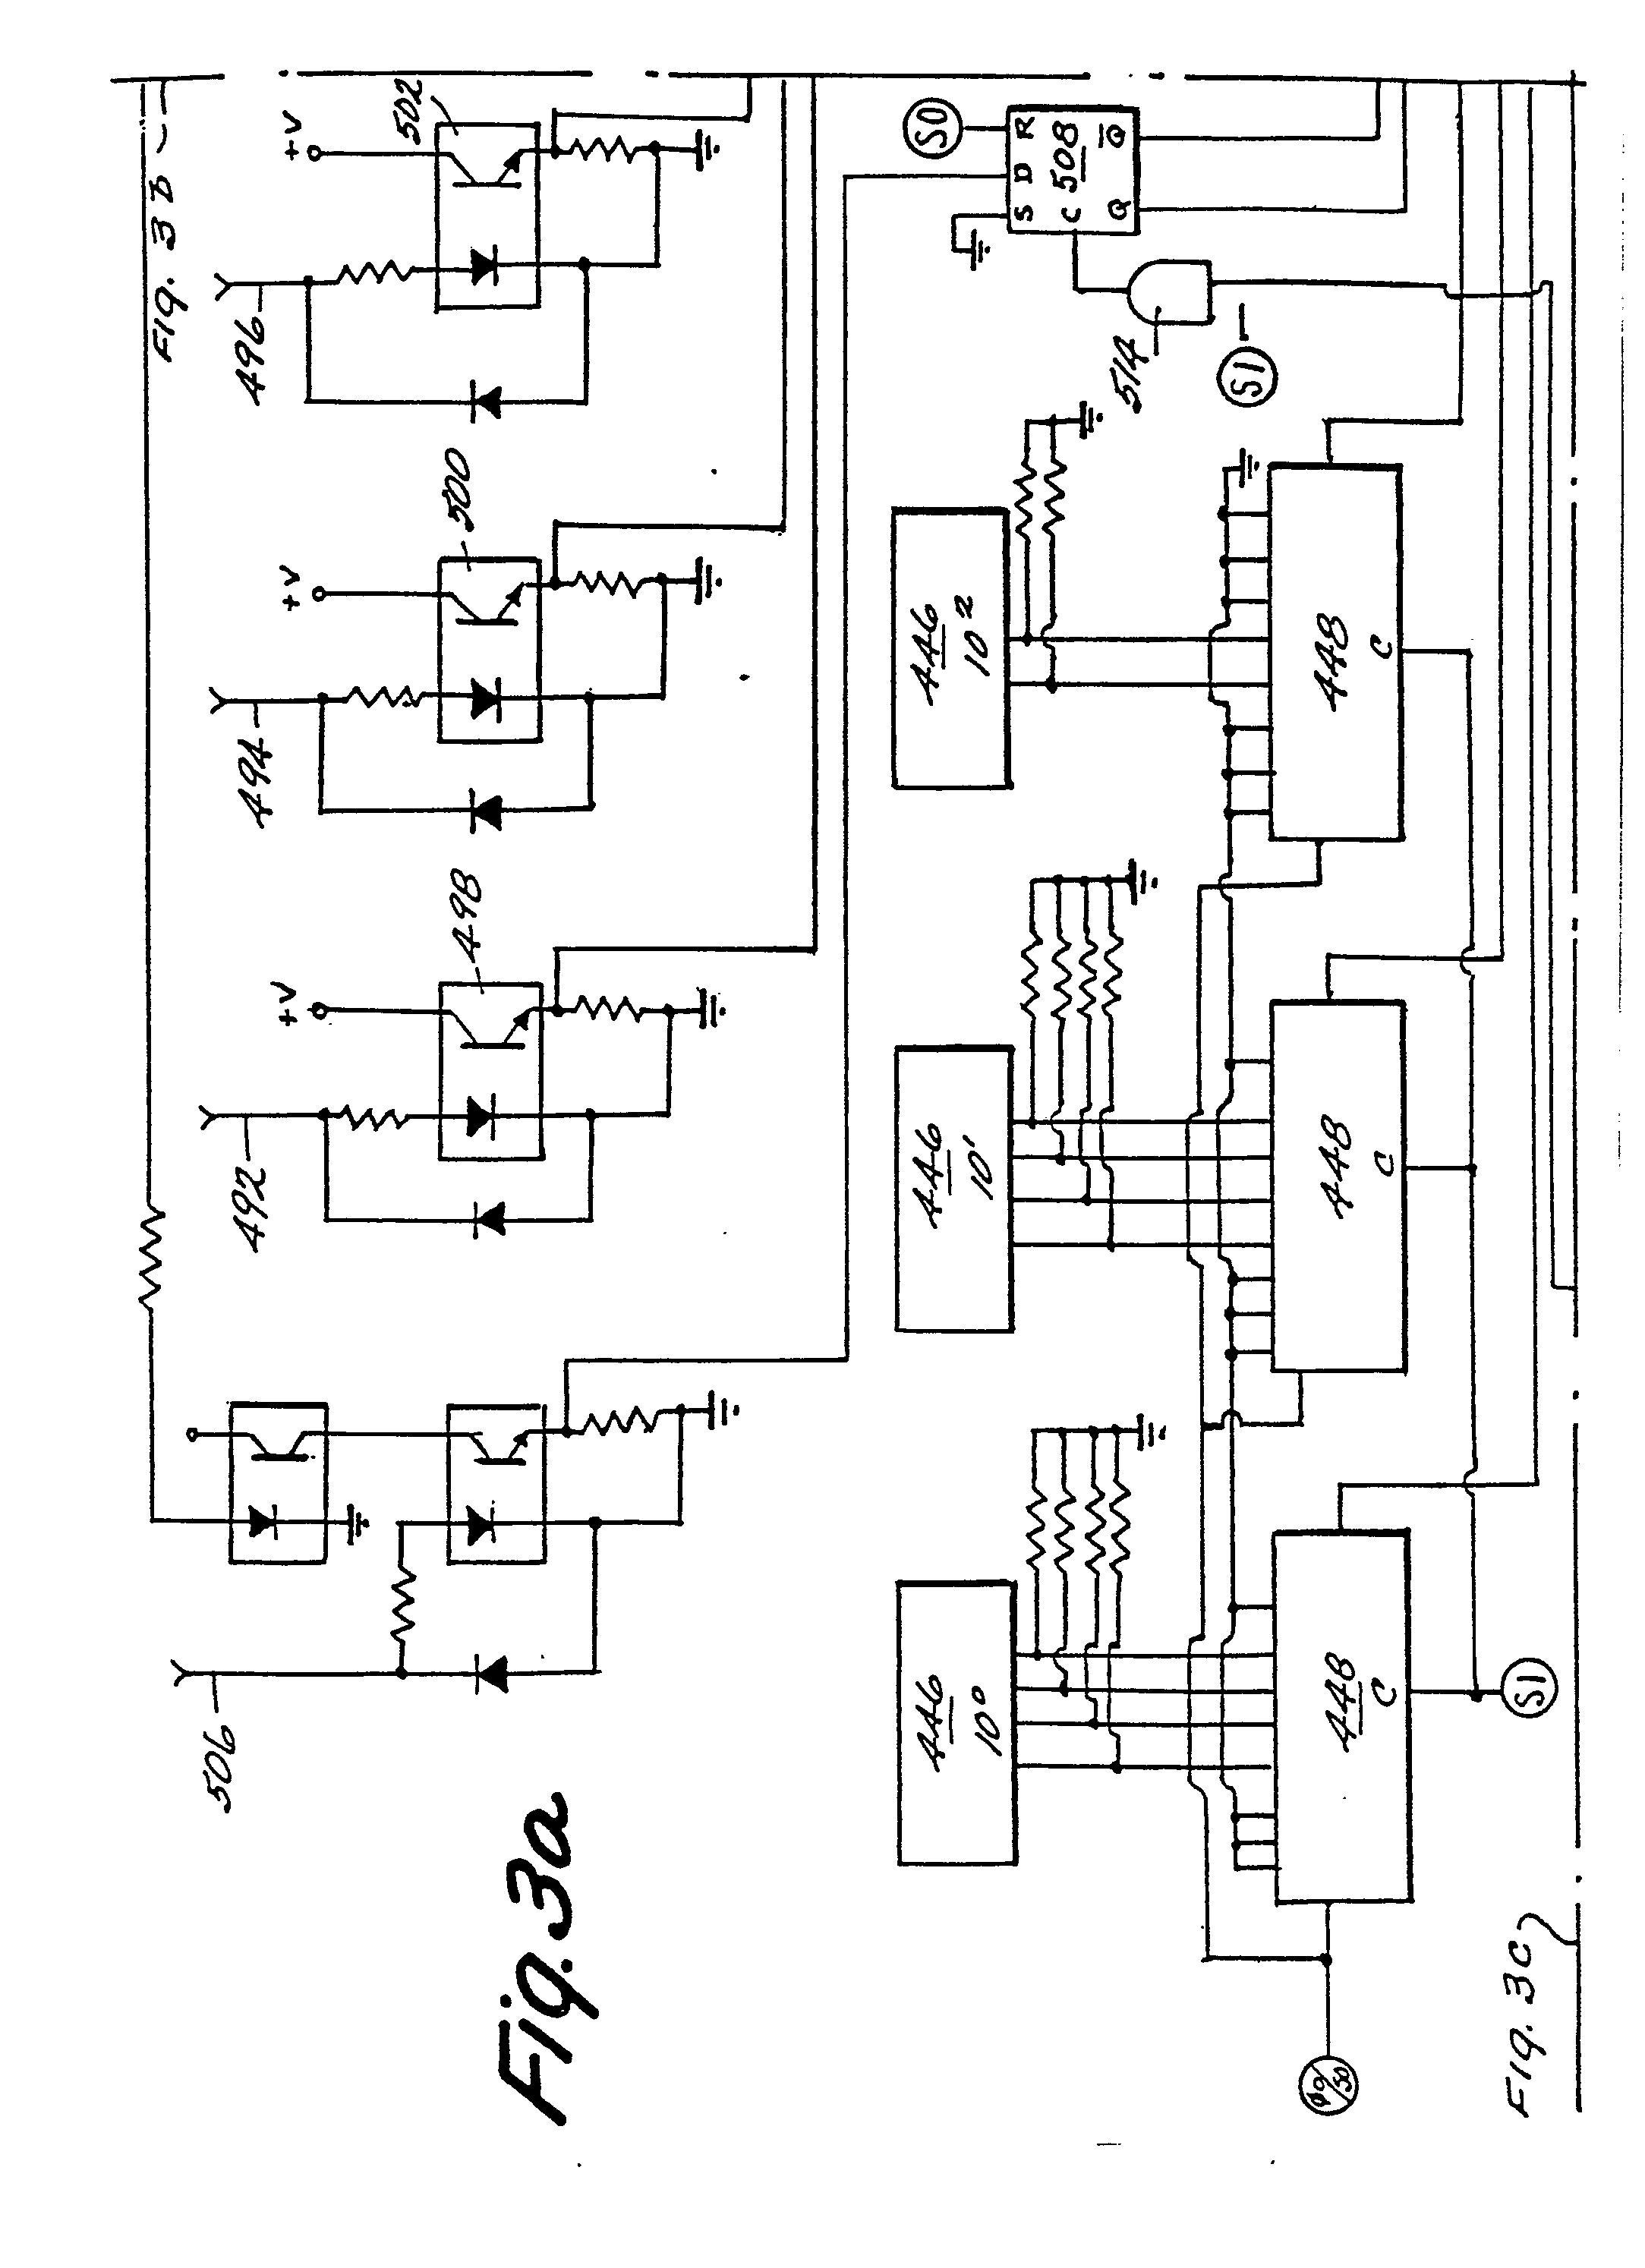 imgf0003 apple wiring diagram,wiring wiring diagram images database,Apple Wall Plug Wiring Diagram